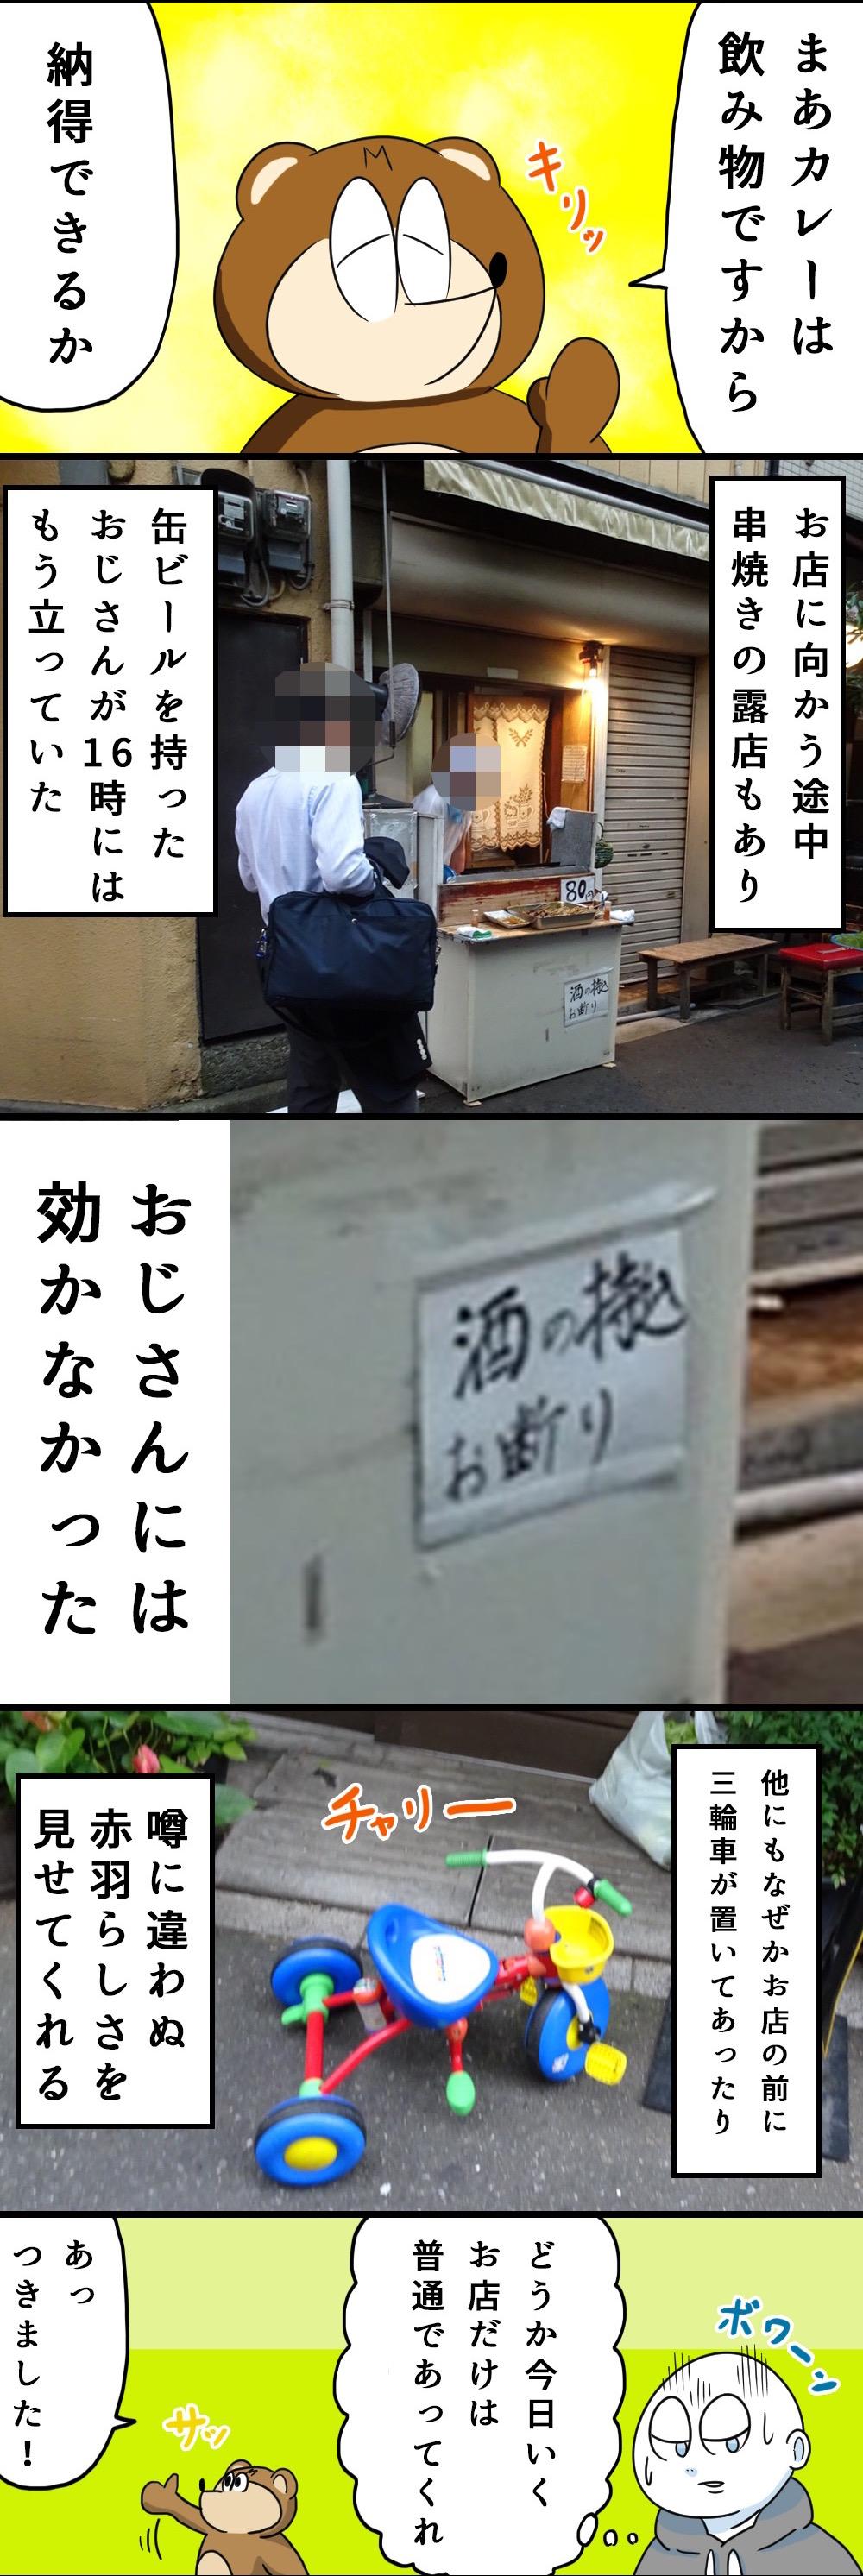 f:id:Meshi2_IB:20160906174931j:plain